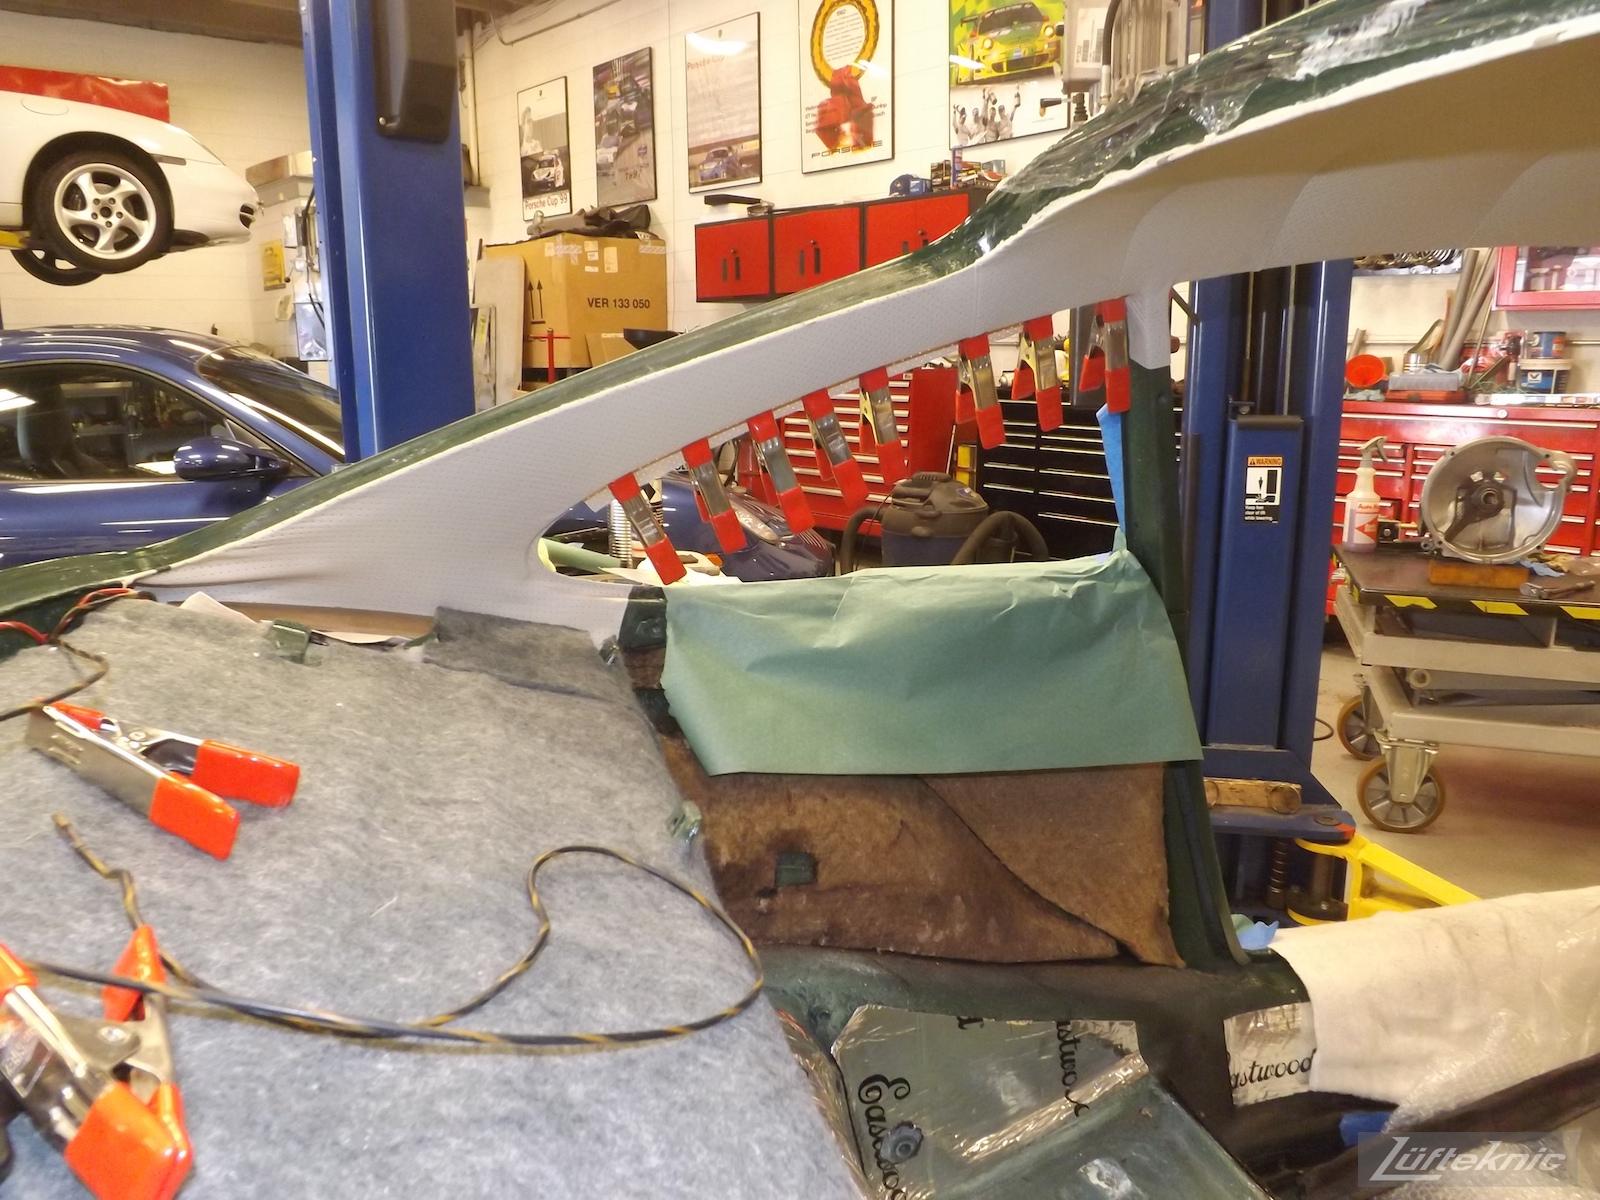 Headliner and interior installation on an Irish Green Porsche 912 undergoing restoration at Lufteknic.